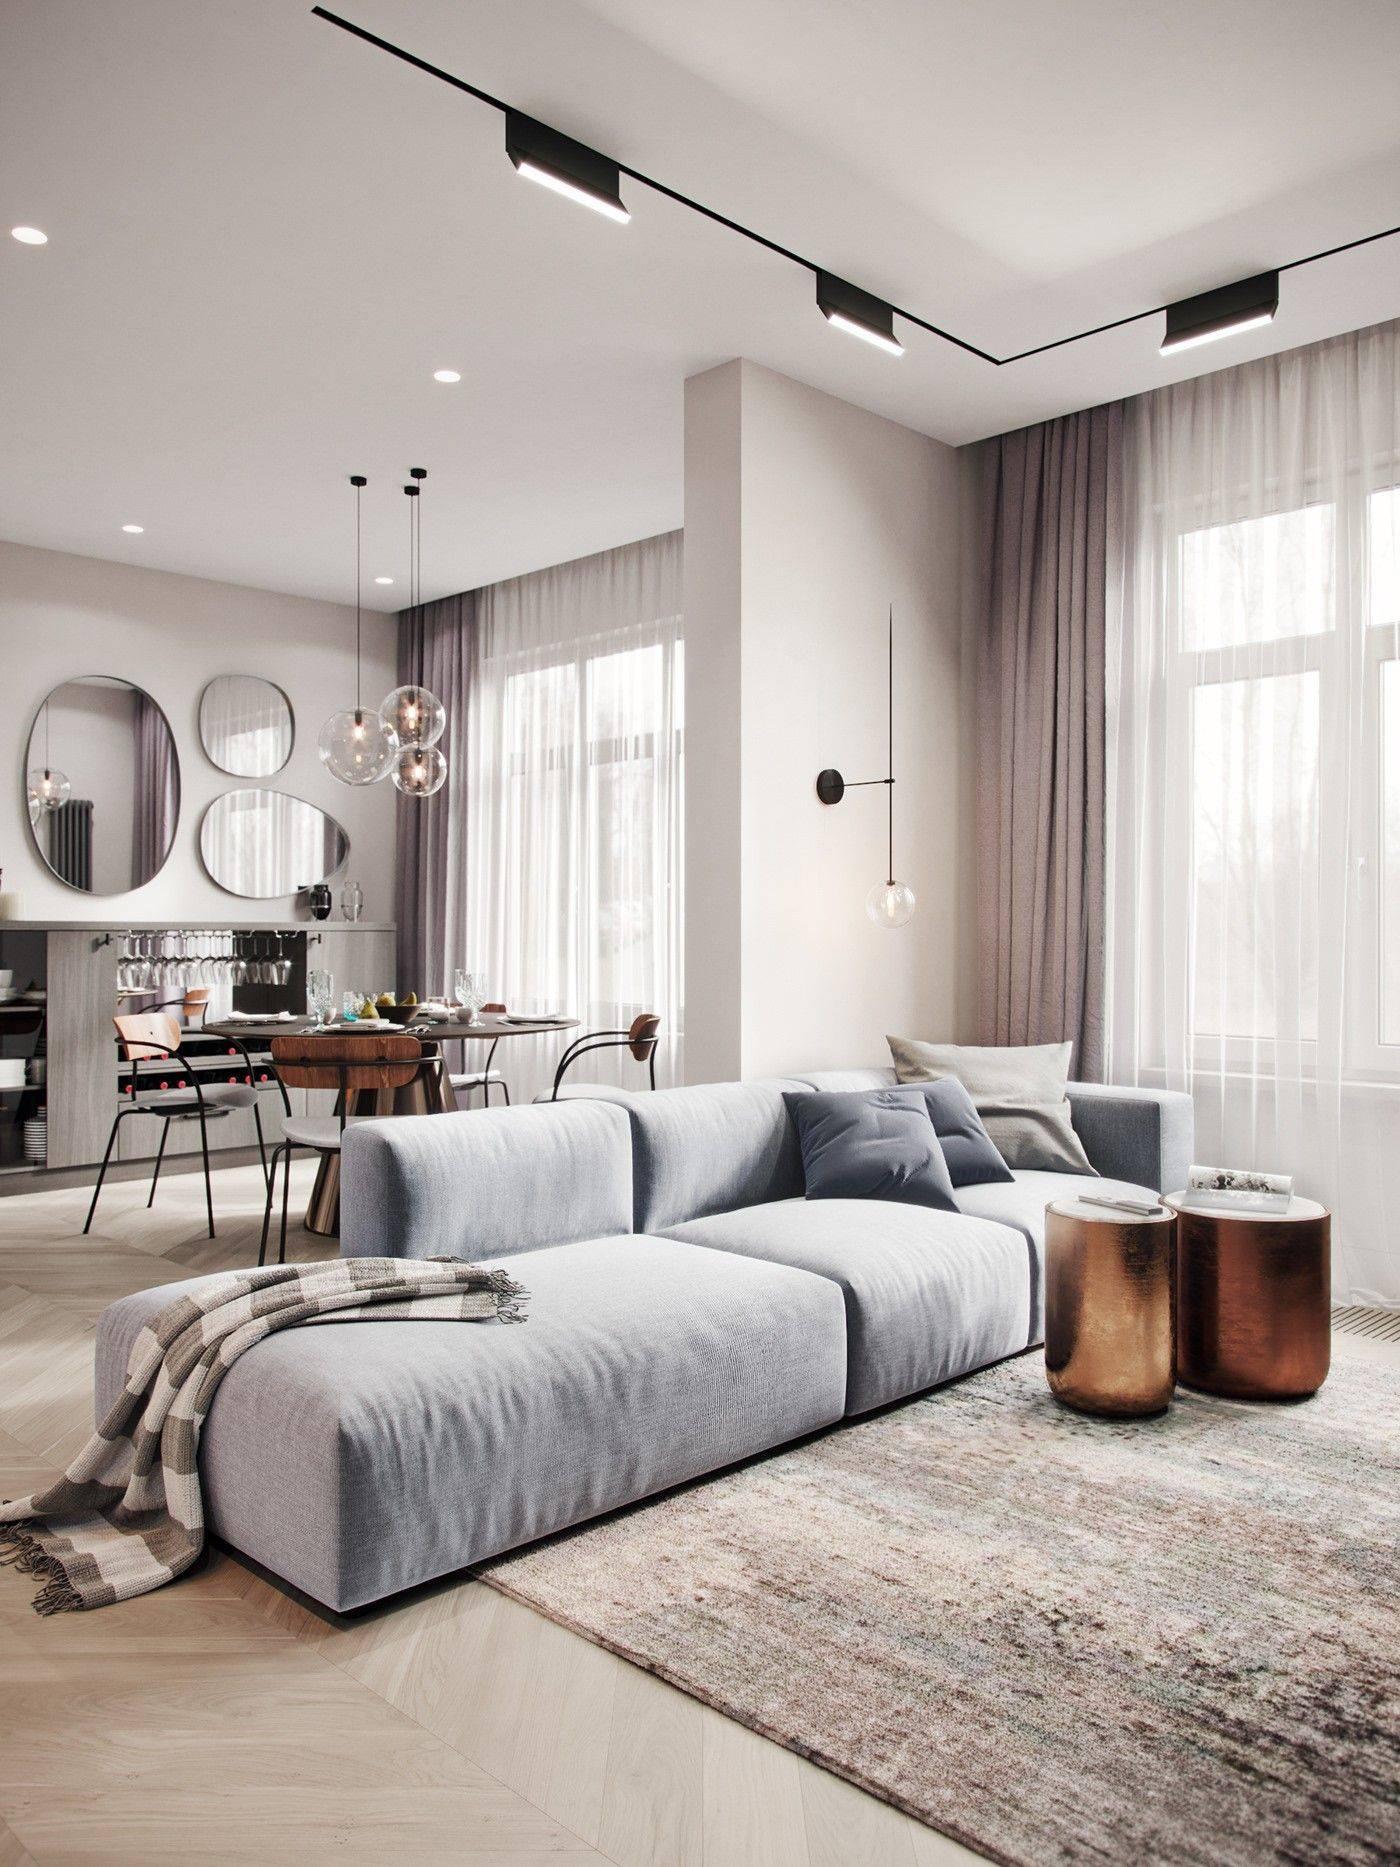 Выбор стиля для кабинета (76 фото): оформление интерьера в стиле лофт и хай-тек, в английском и скандинавском, классическом и современном, прованс и минимализм